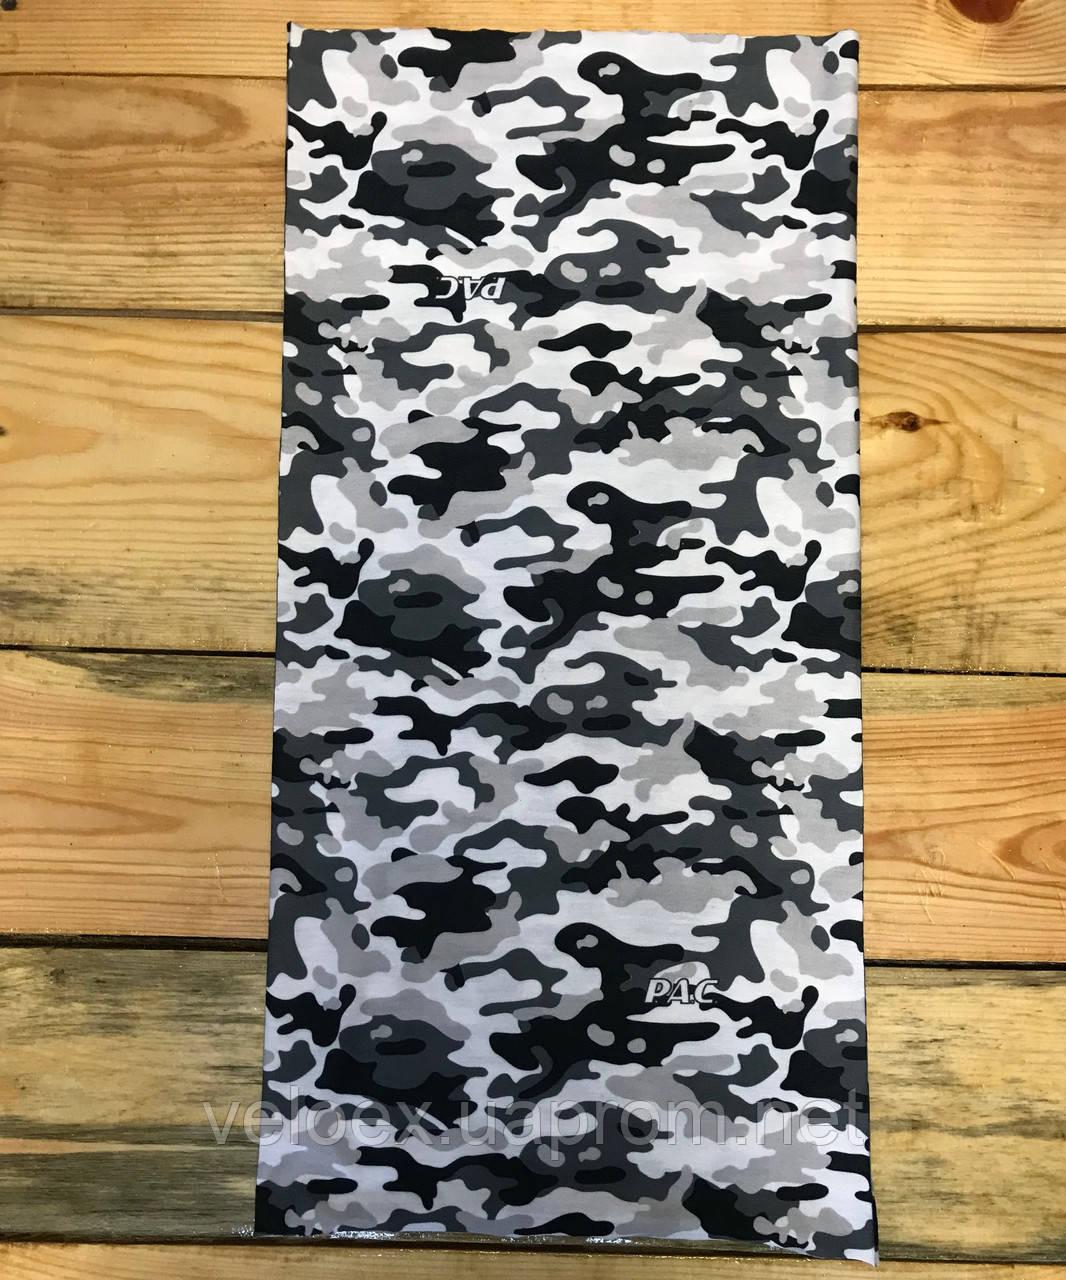 Головной убор P.A.C. Original Camouflage Grey